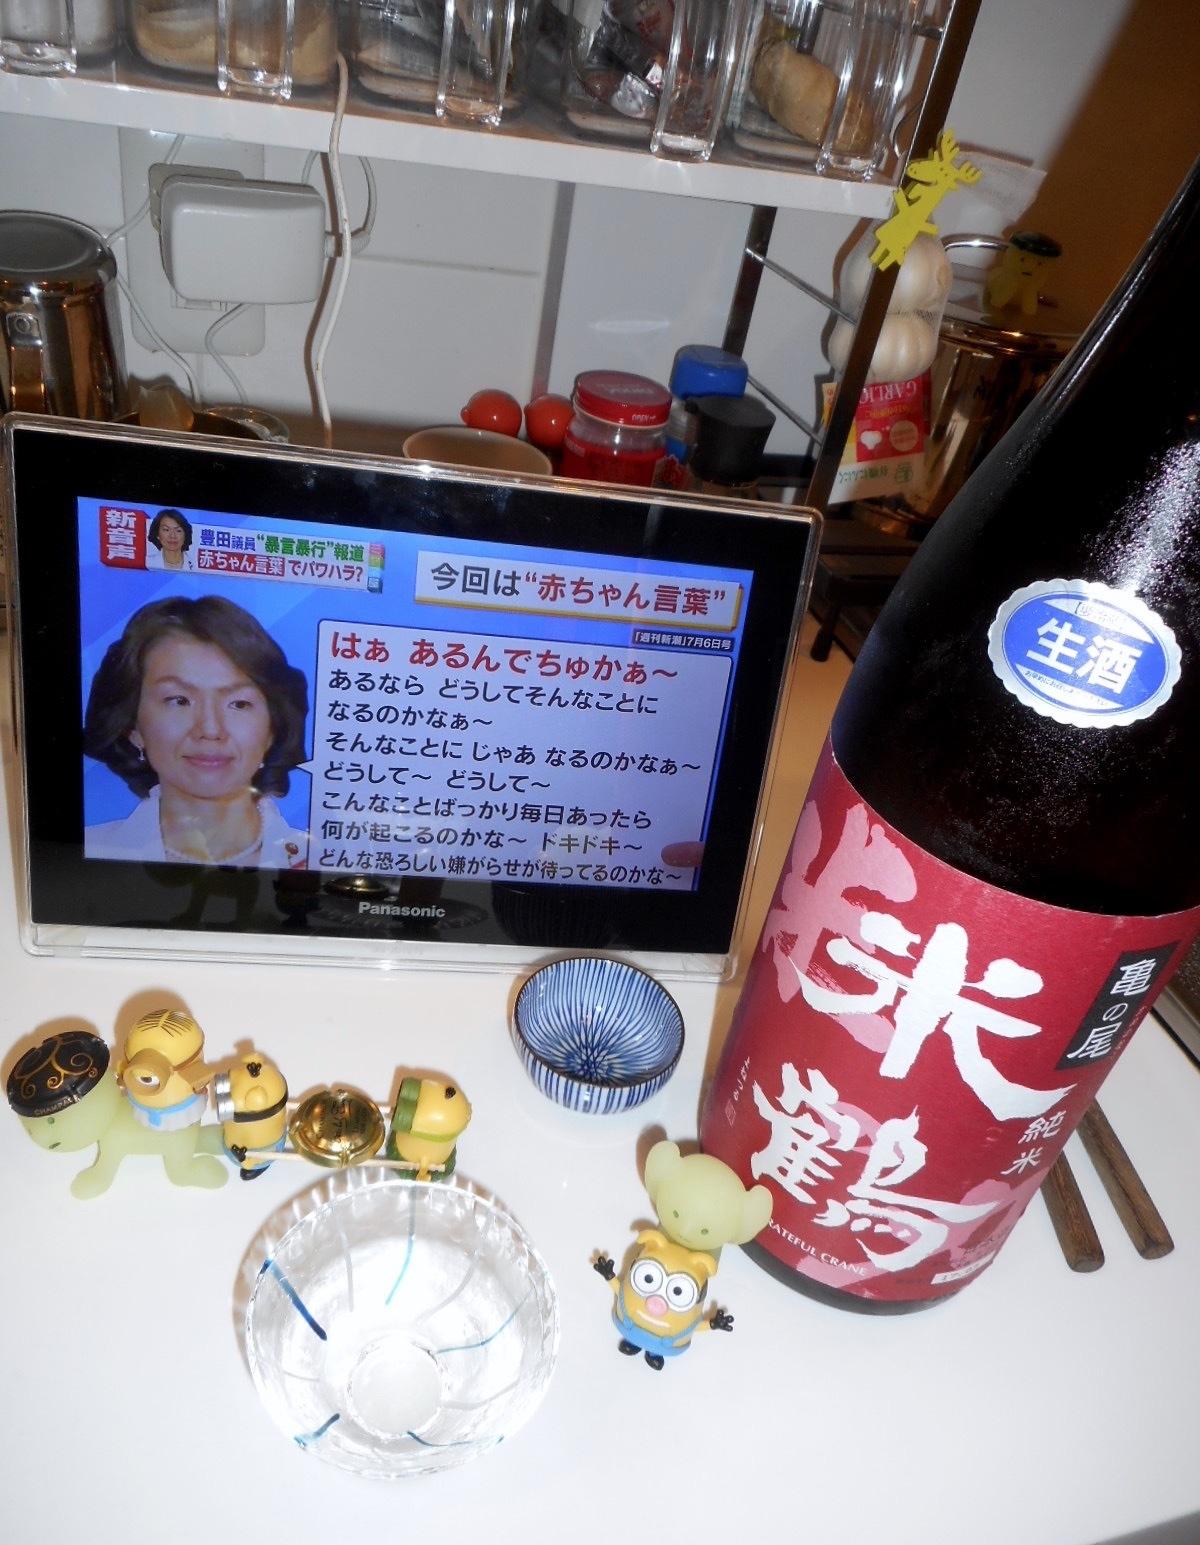 yonetsuru_kamenoo65nama_28by5.jpg